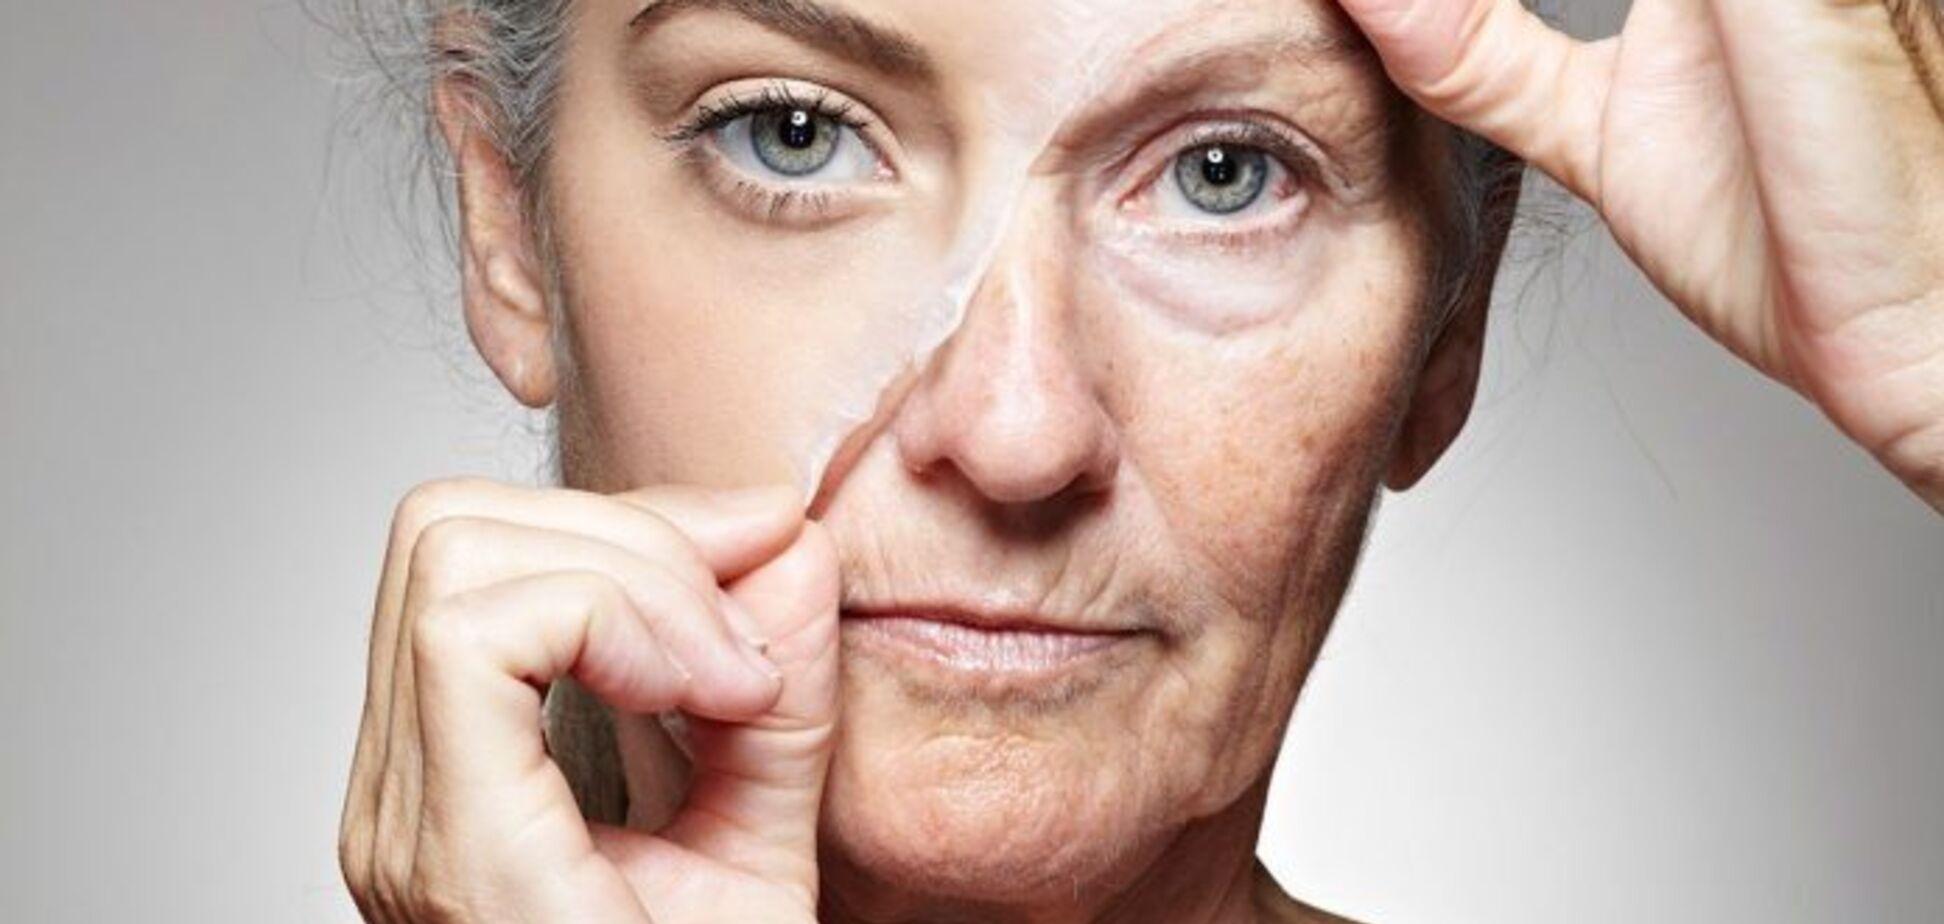 Стареют раньше других: топ-4 знака Зодиака, которые преждевременно теряют молодость